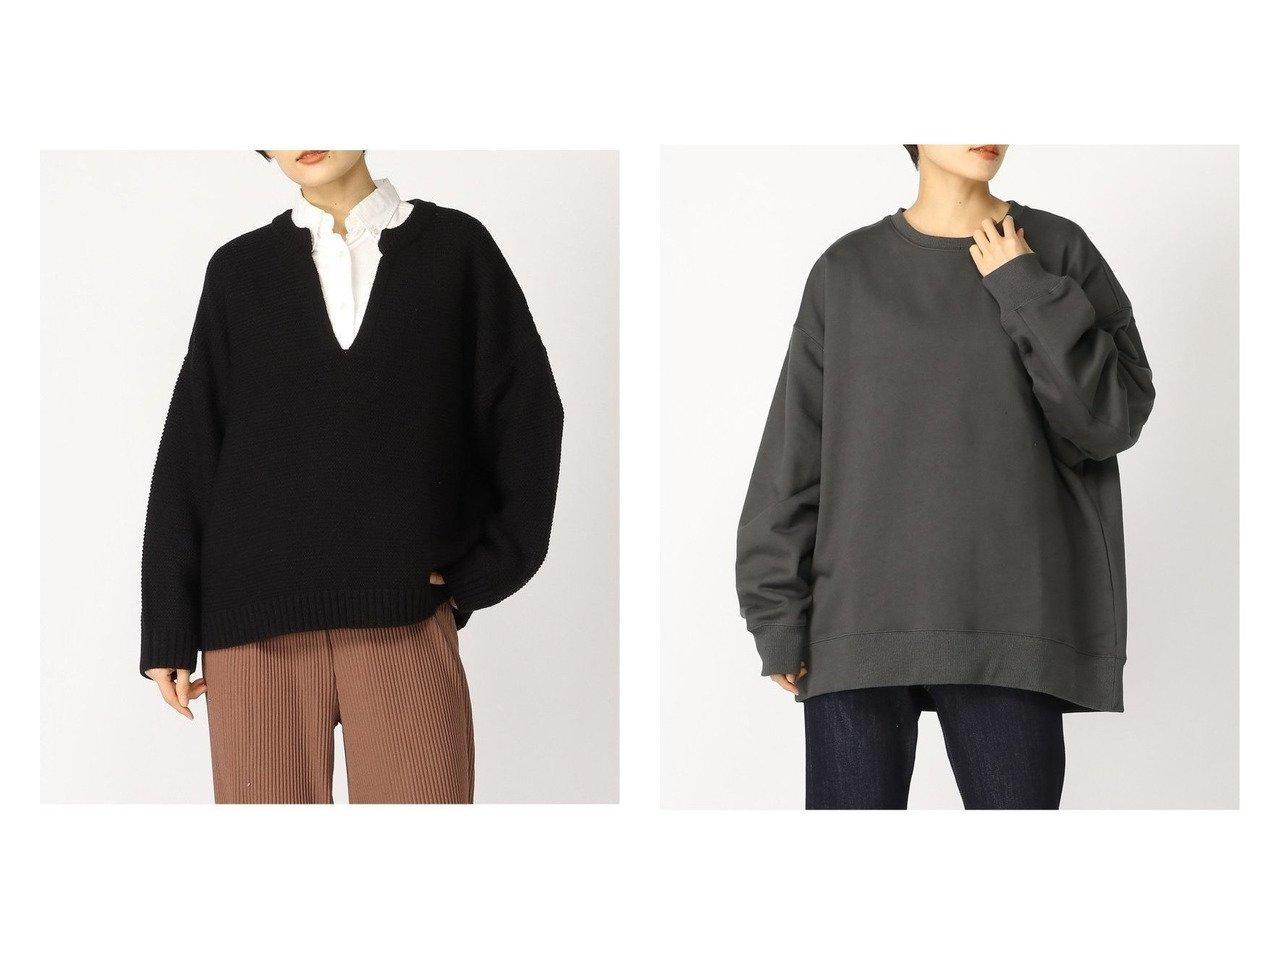 【LOWRYS FARM/ローリーズファーム】のウラケBIGクルーPOLS&【LEPSIM LOWRYS FARM/レプシィム ローリーズファーム】の5GスリットネックPO トップス・カットソーのおすすめ!人気、トレンド・レディースファッションの通販  おすすめで人気の流行・トレンド、ファッションの通販商品 メンズファッション・キッズファッション・インテリア・家具・レディースファッション・服の通販 founy(ファニー) https://founy.com/ ファッション Fashion レディースファッション WOMEN トップス Tops Tshirt ニット Knit Tops パーカ Sweats スウェット Sweat カットソー Cut and Sewn NEW・新作・新着・新入荷 New Arrivals スリット トレンド ベーシック 洗える 長袖 カットソー シンプル スウェット プリーツ 定番 Standard |ID:crp329100000010419